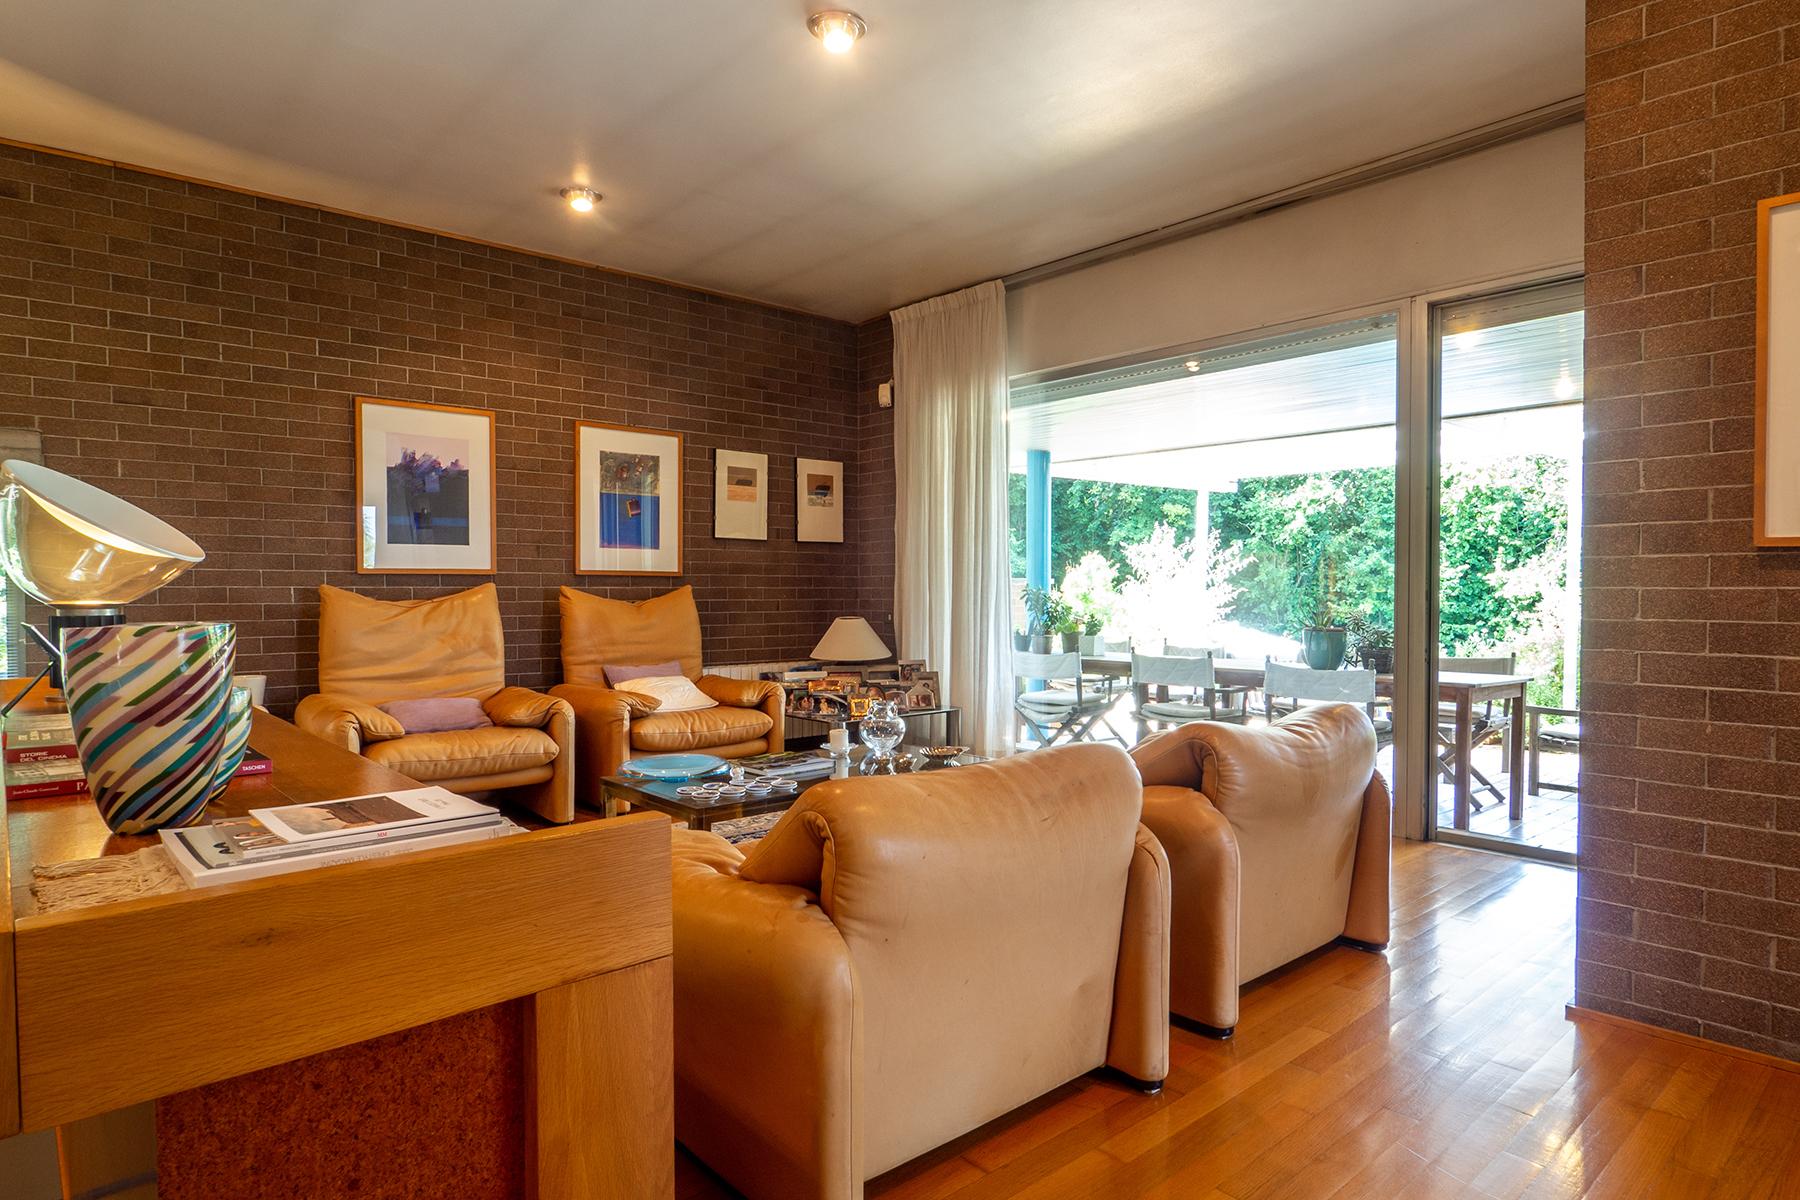 Casa indipendente in Vendita a Rosignano Monferrato: 5 locali, 290 mq - Foto 3